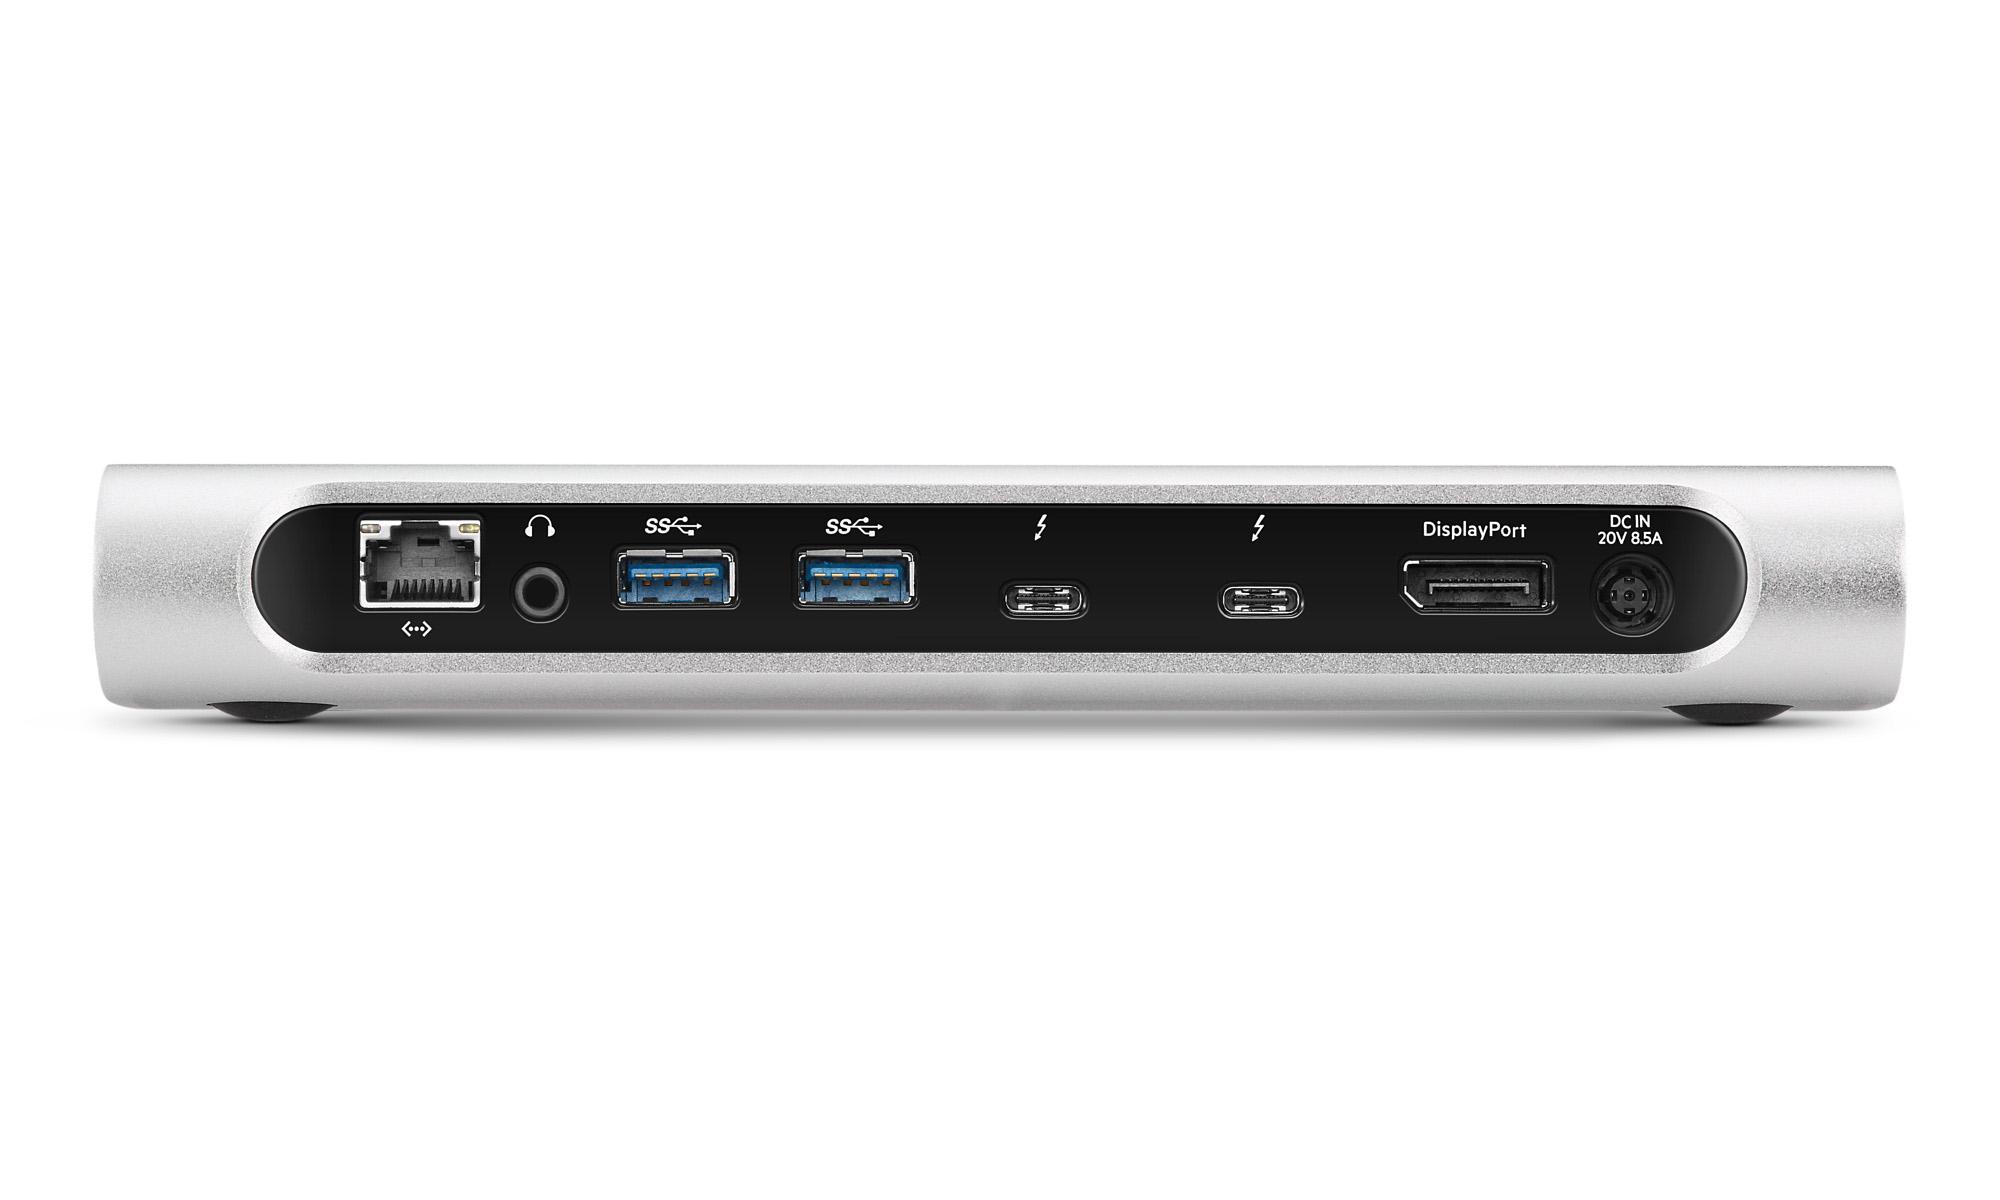 Belkin Thunderbolt 3 ports Belkin Announces Thunderbolt 3 Dock For New Macs